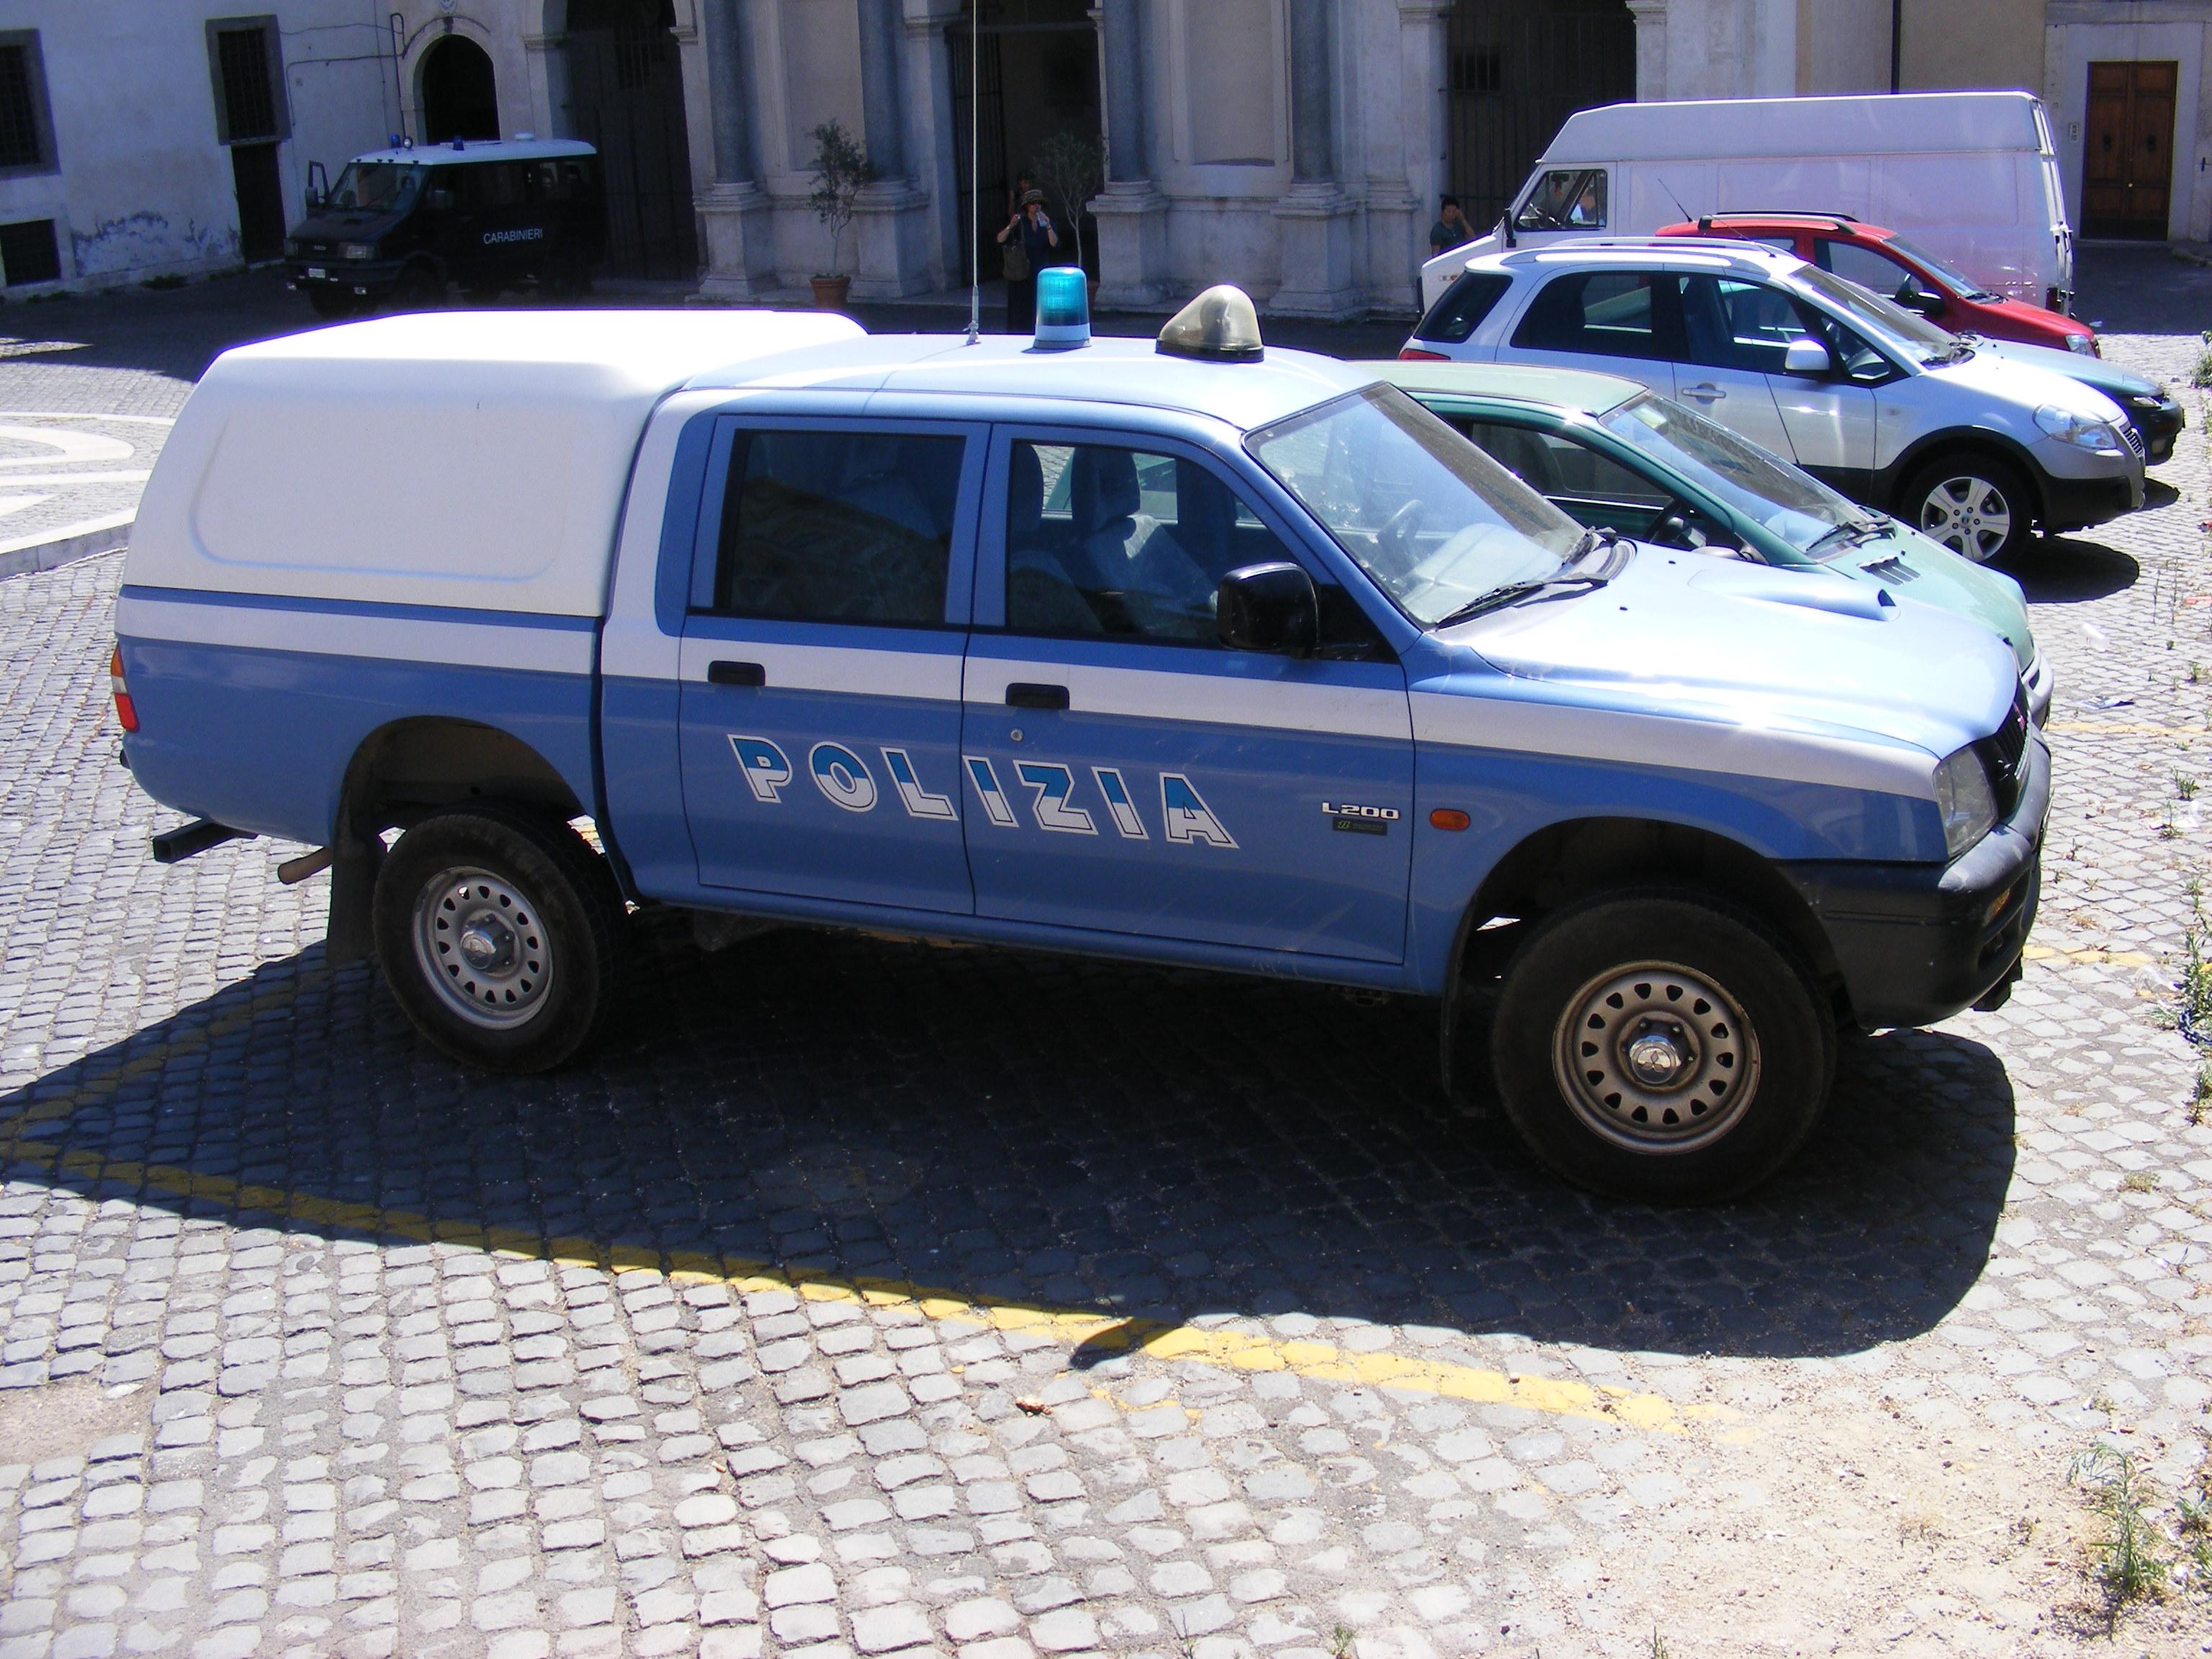 File:Polizia di Stato Mitsubishi L200.jpg - Wikipedia